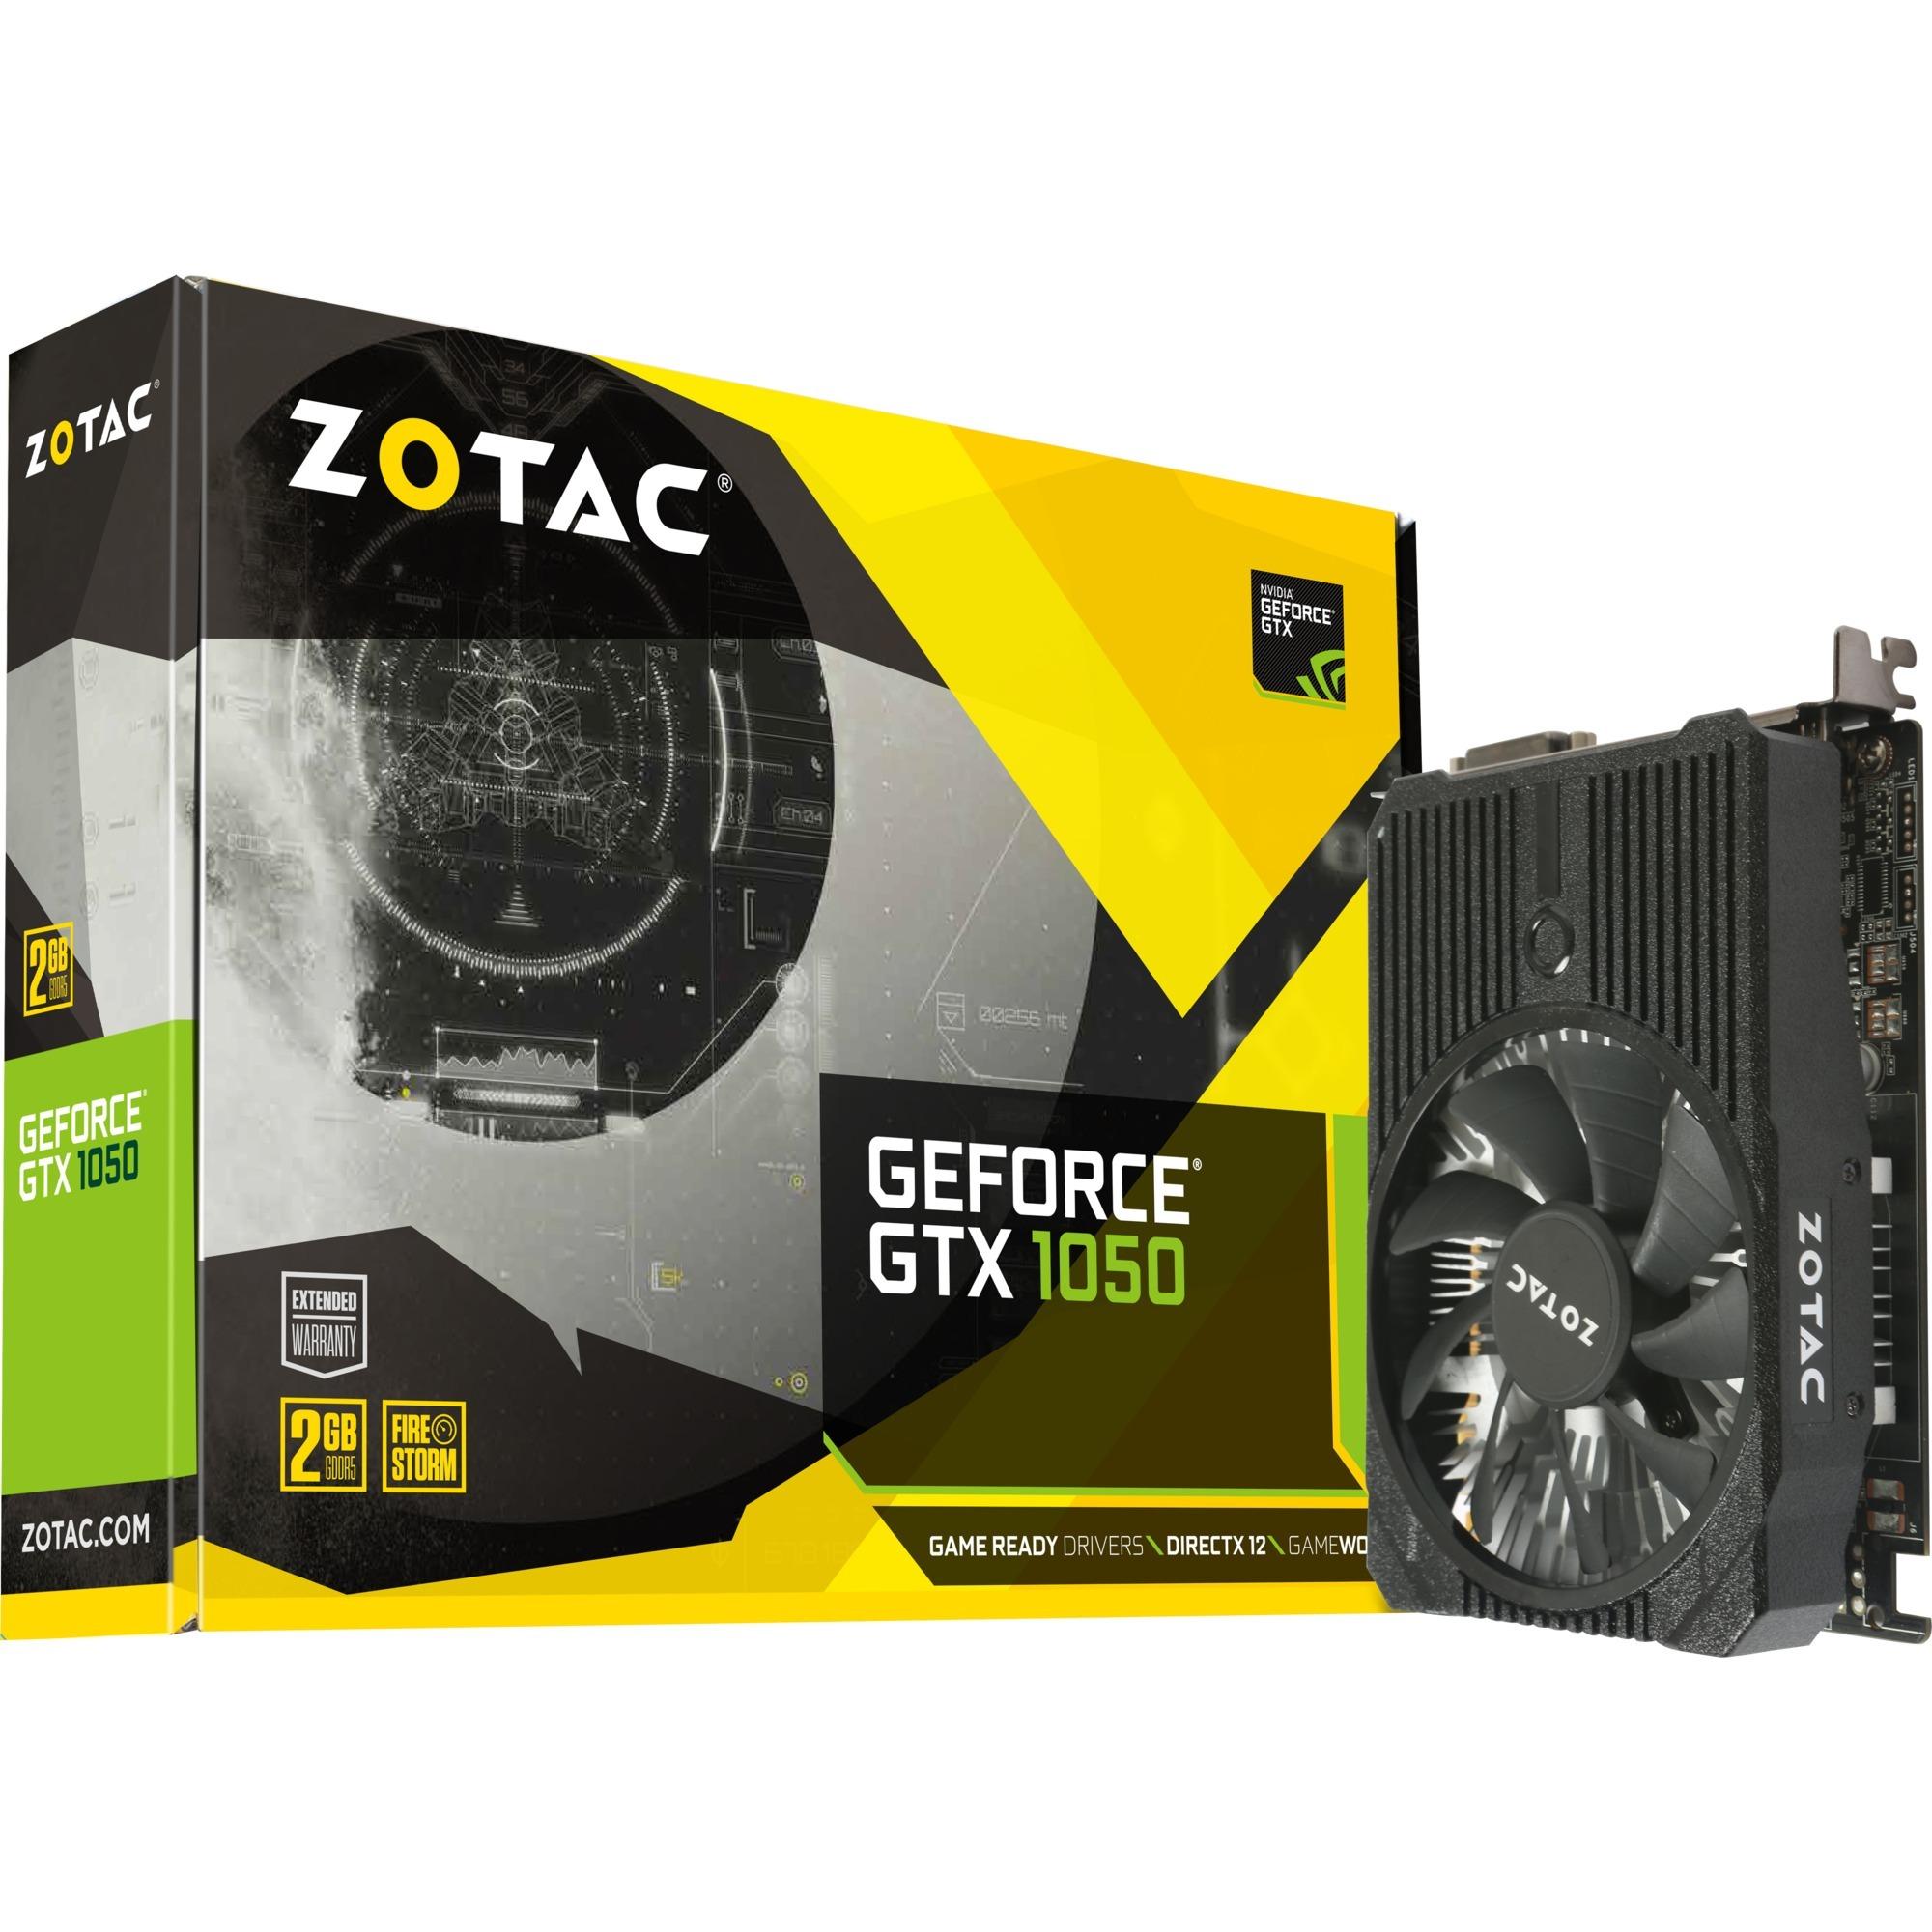 GeForce GTX 1050 Mini 2 GB GDDR5, Tarjeta gráfica